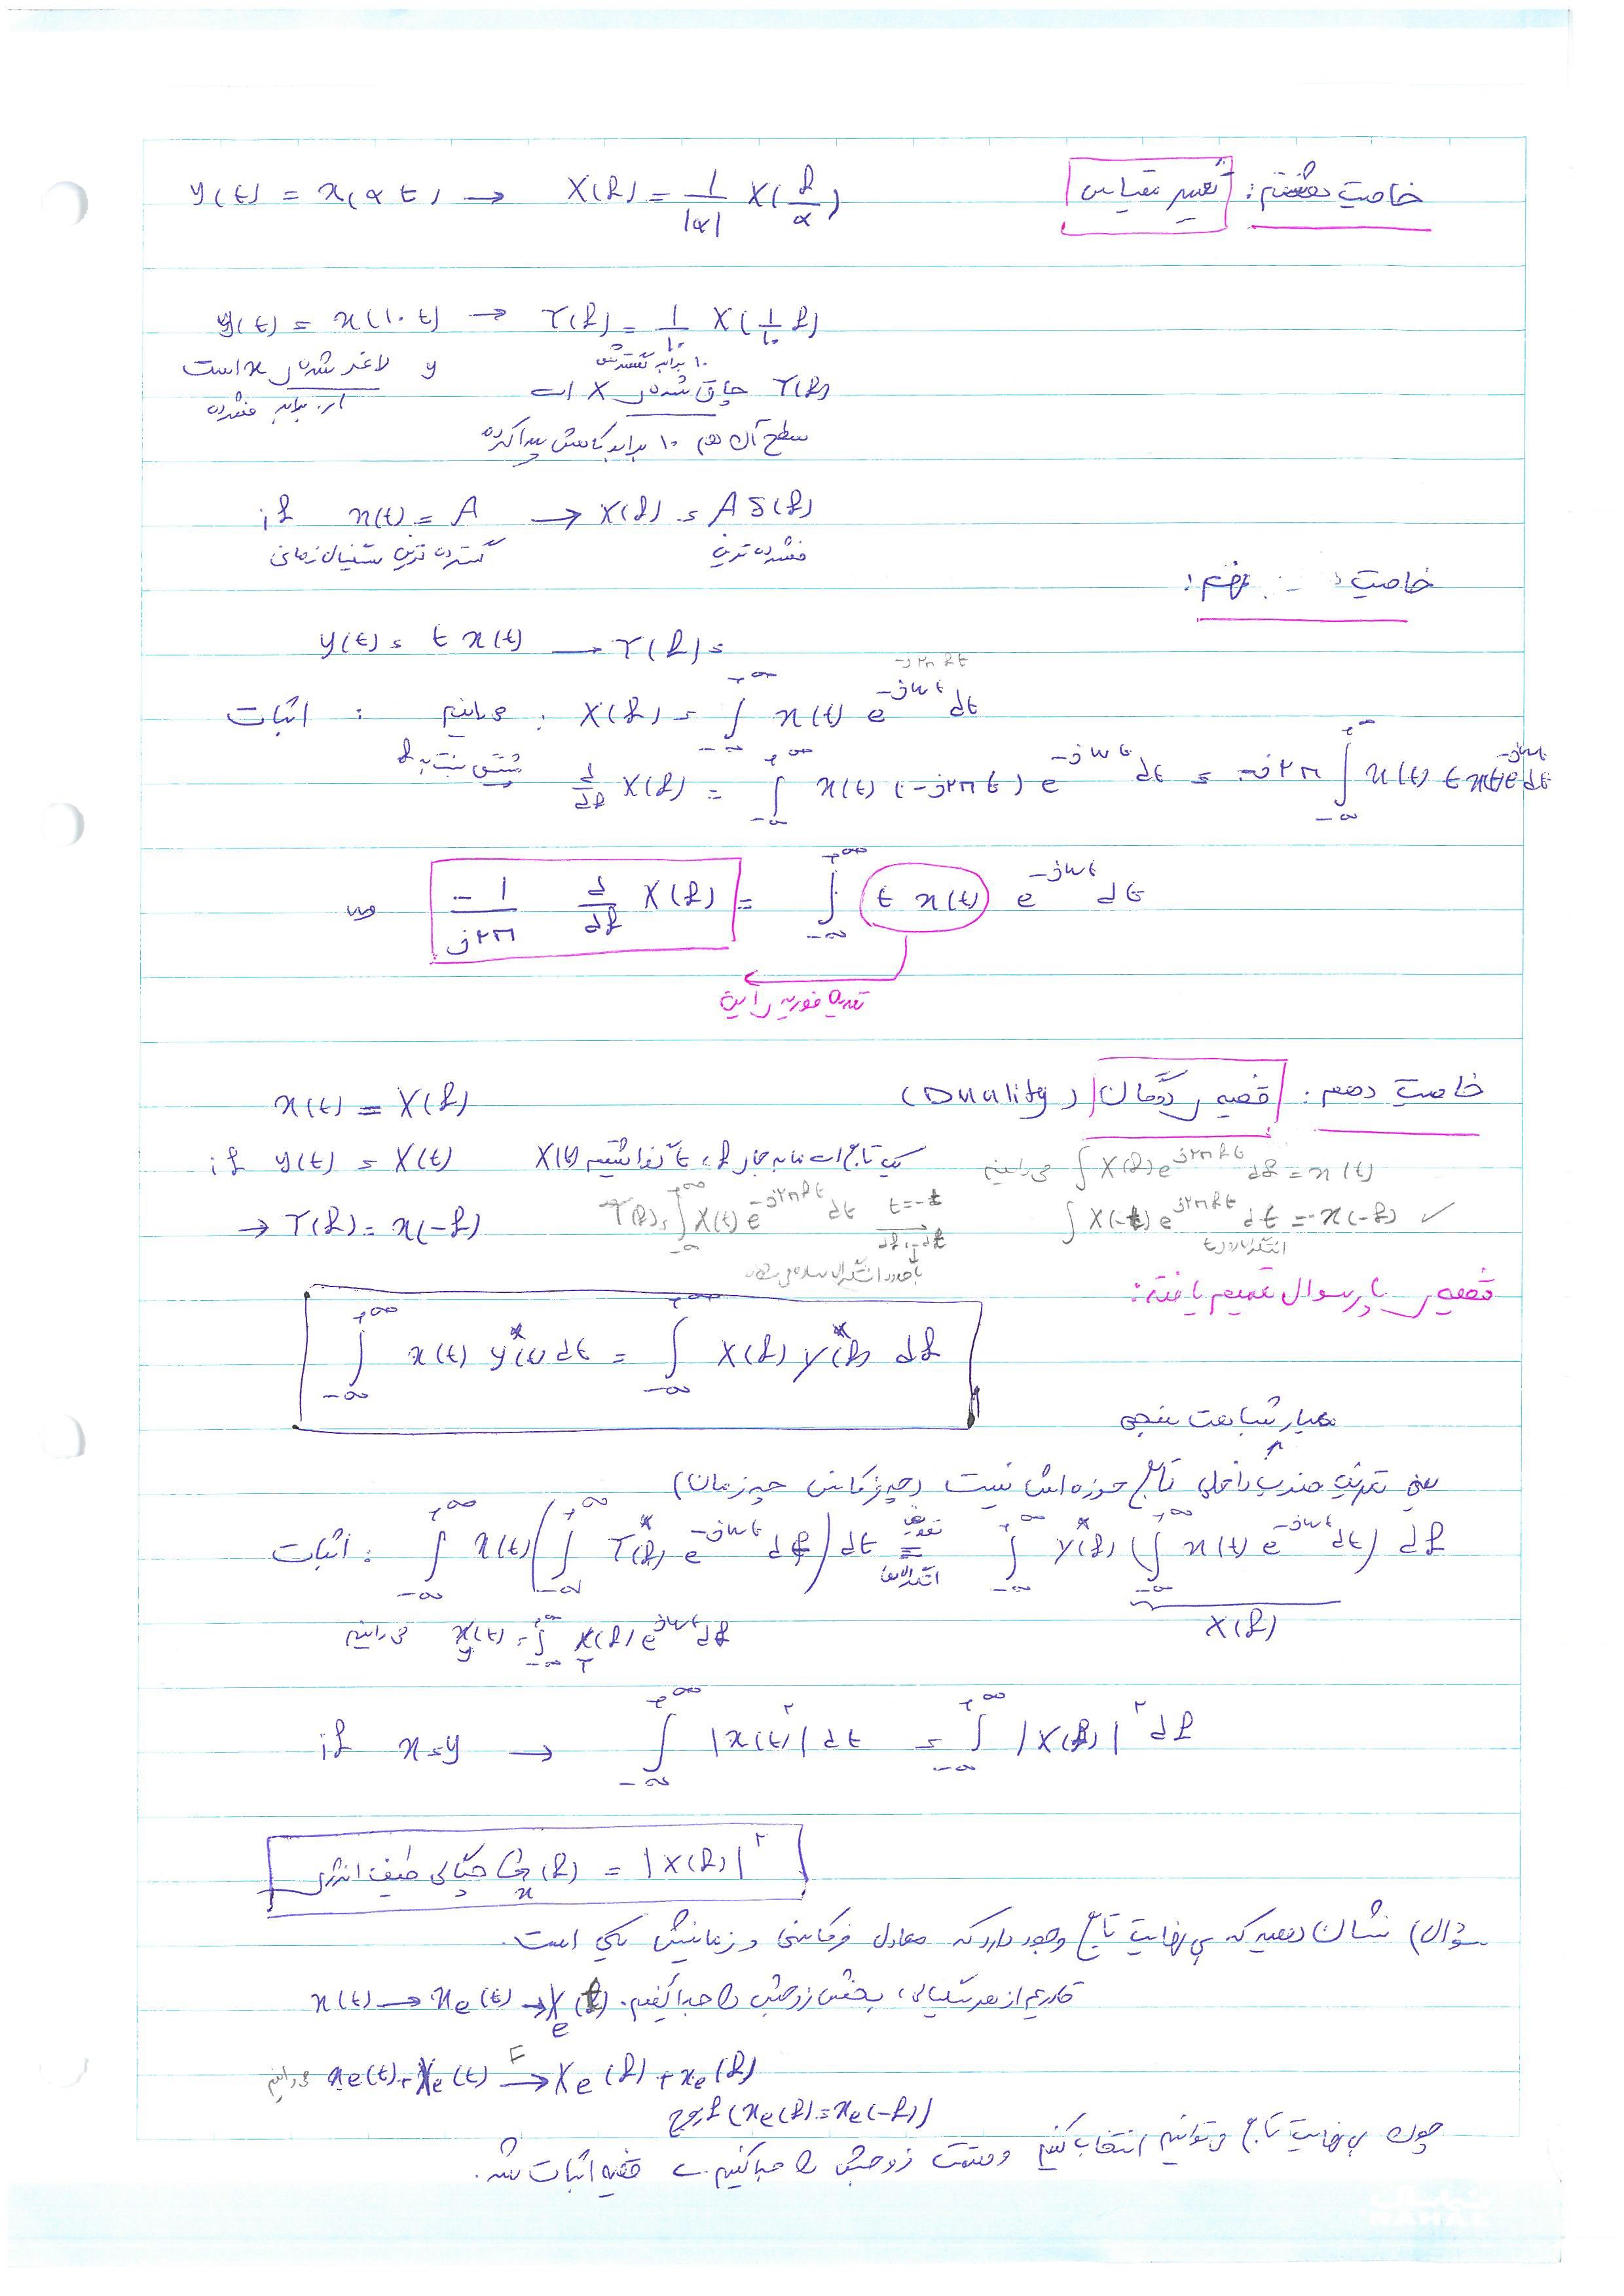 جزوه ی درس سیگنالها و سیستم دانشگاه شریف